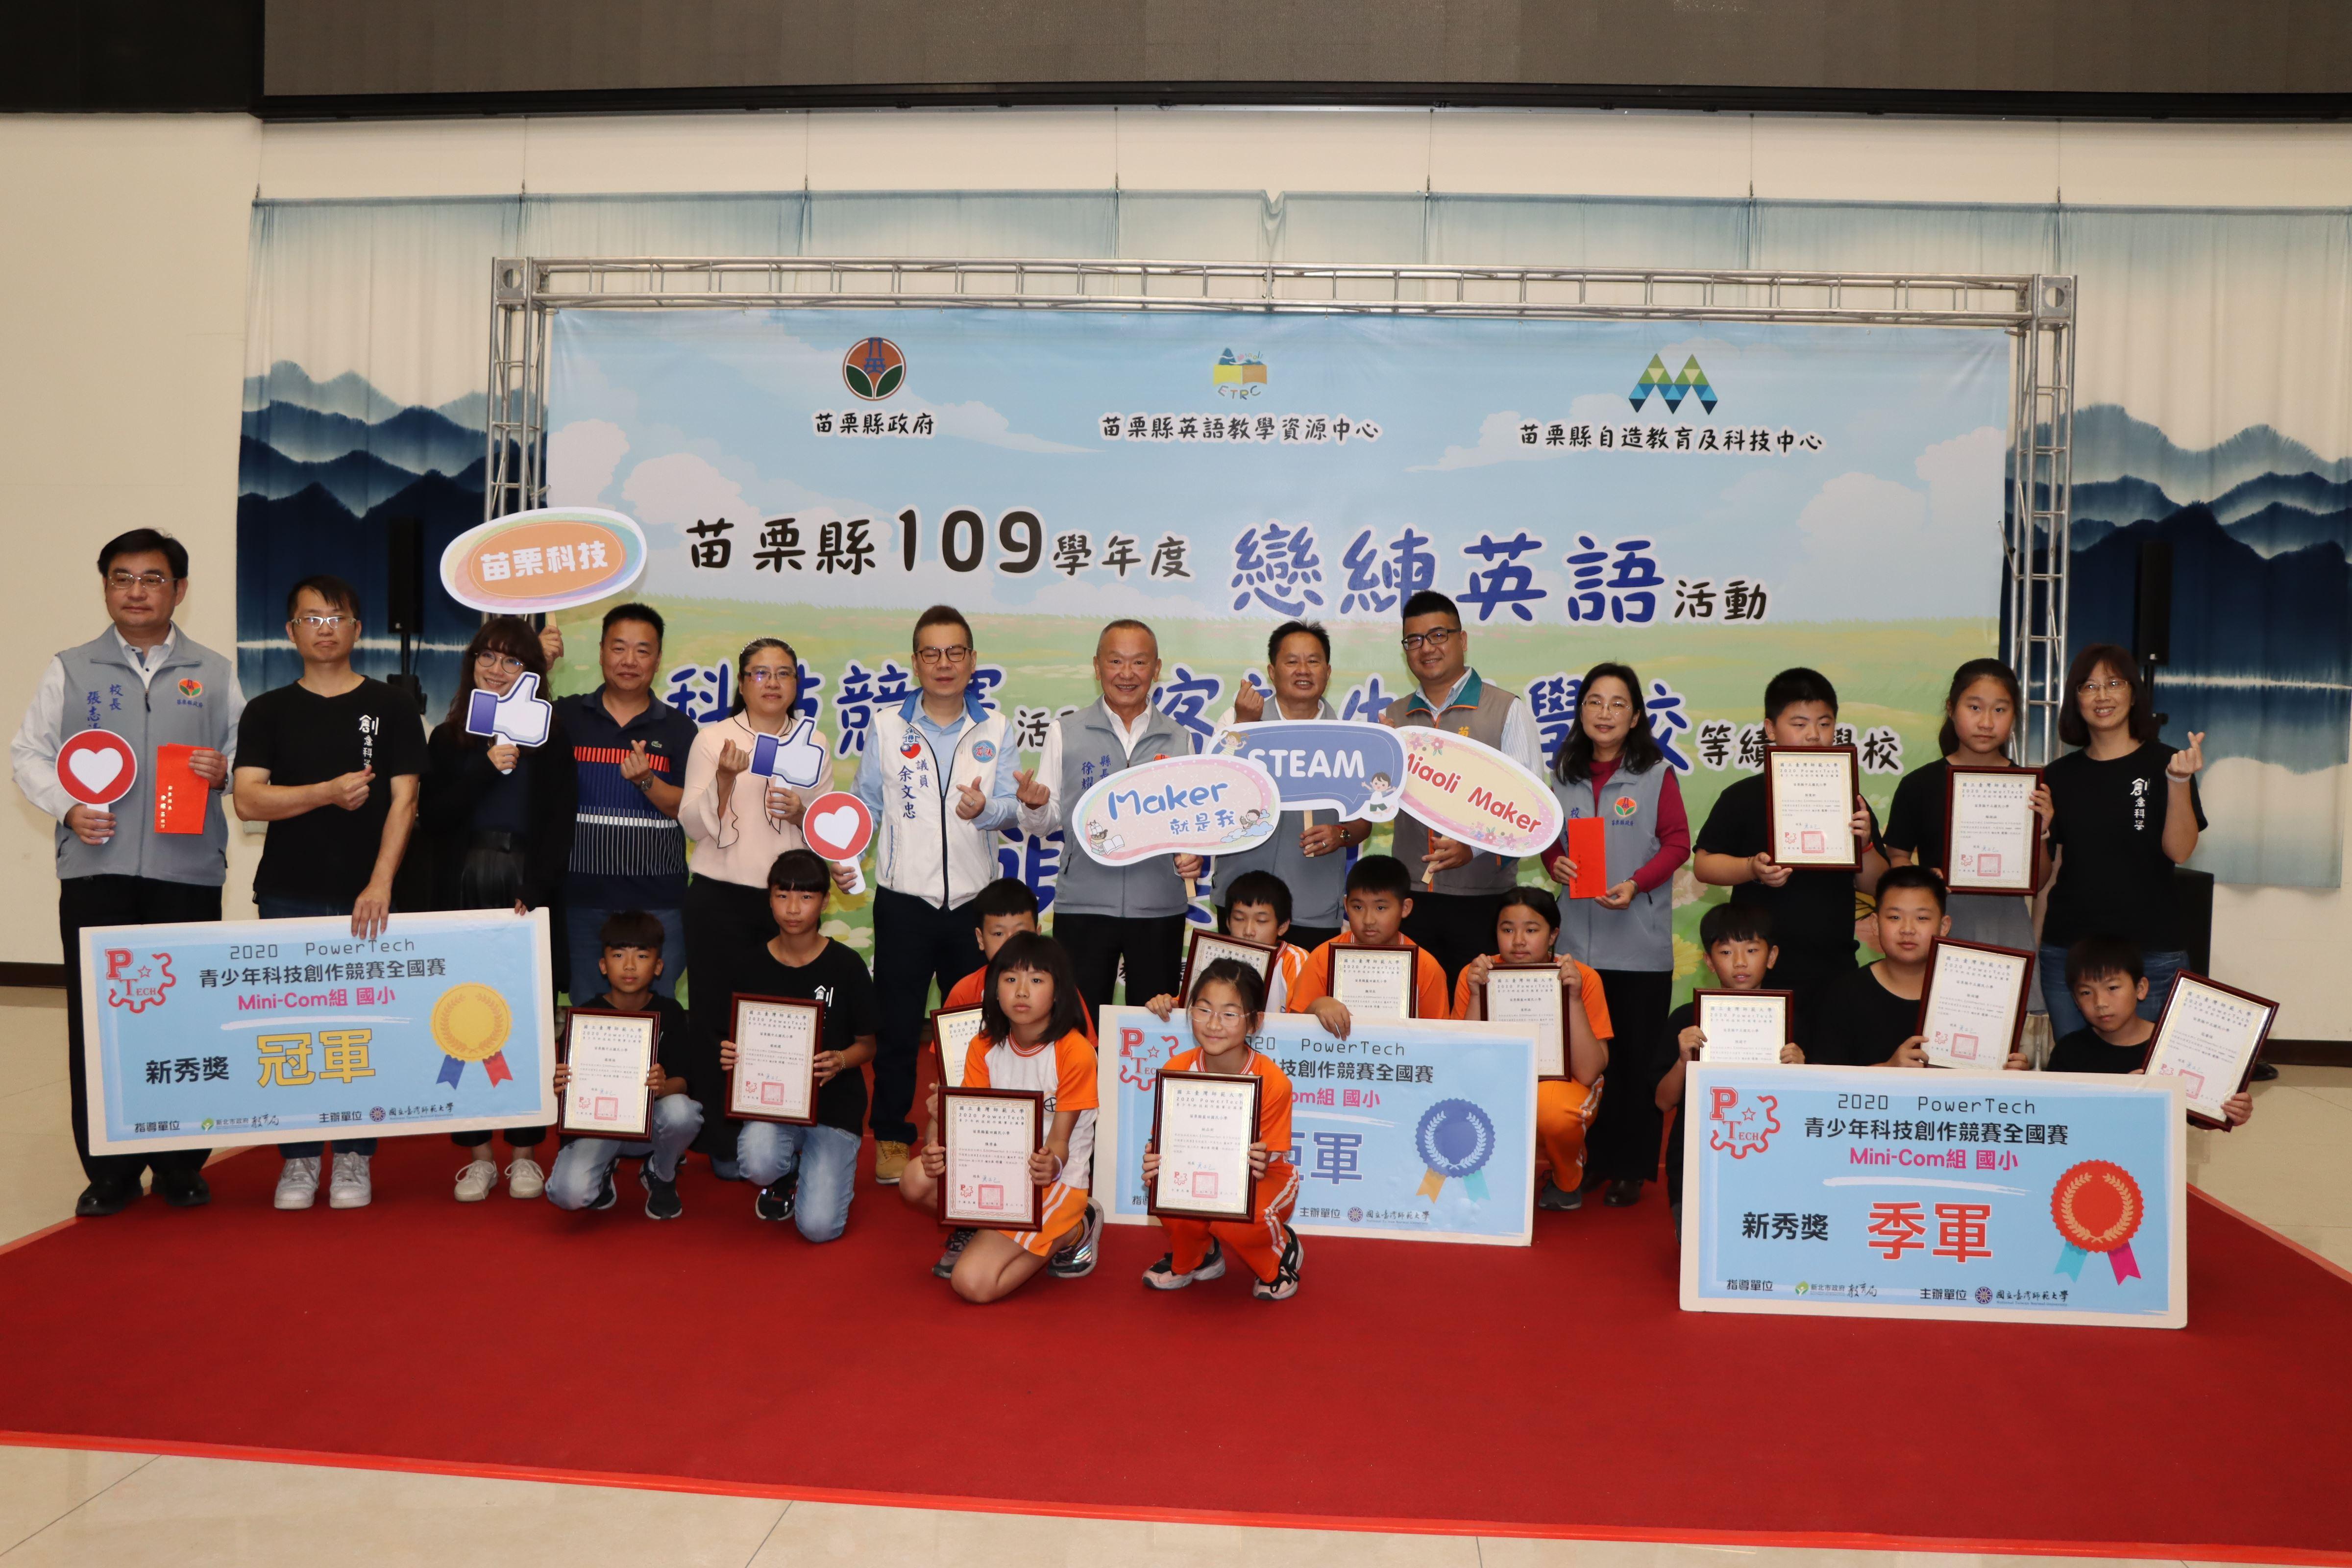 1縣府-表揚全國青少年科技創作競賽國小新秀獎優勝學校IMG_7043.JPG